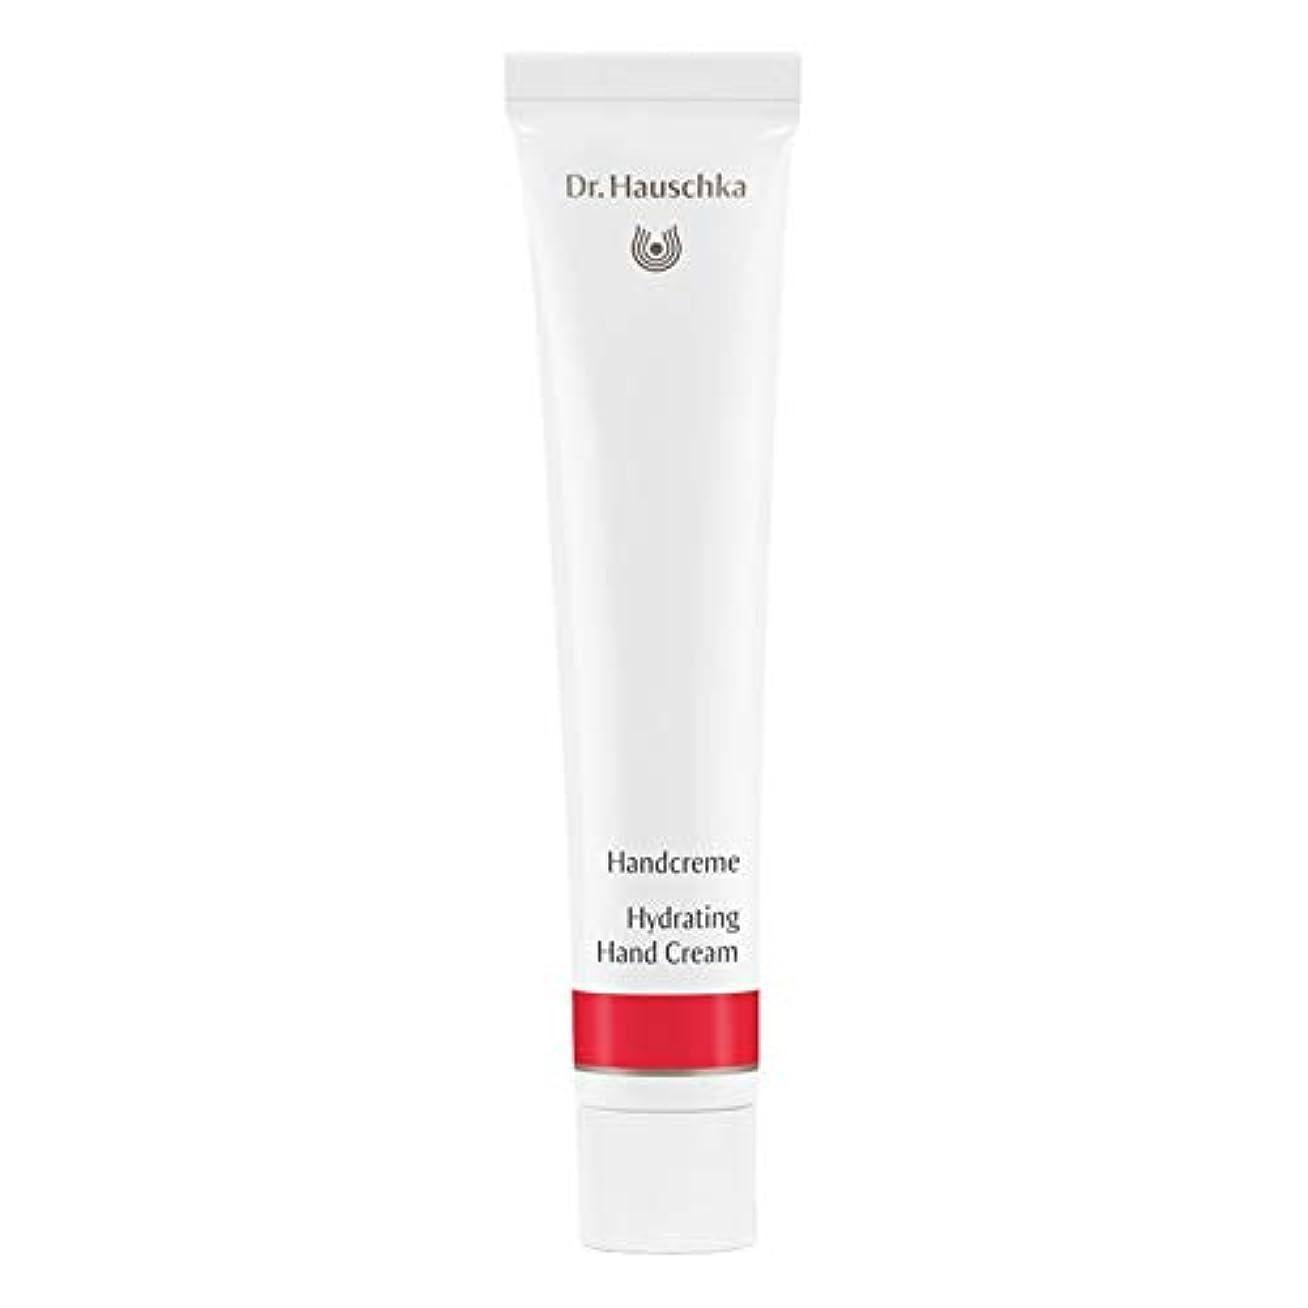 比較的普通に植物学[Dr Hauschka] Drハウシュカハンドクリーム50Ml - Dr Hauschka Hand Cream 50ml [並行輸入品]